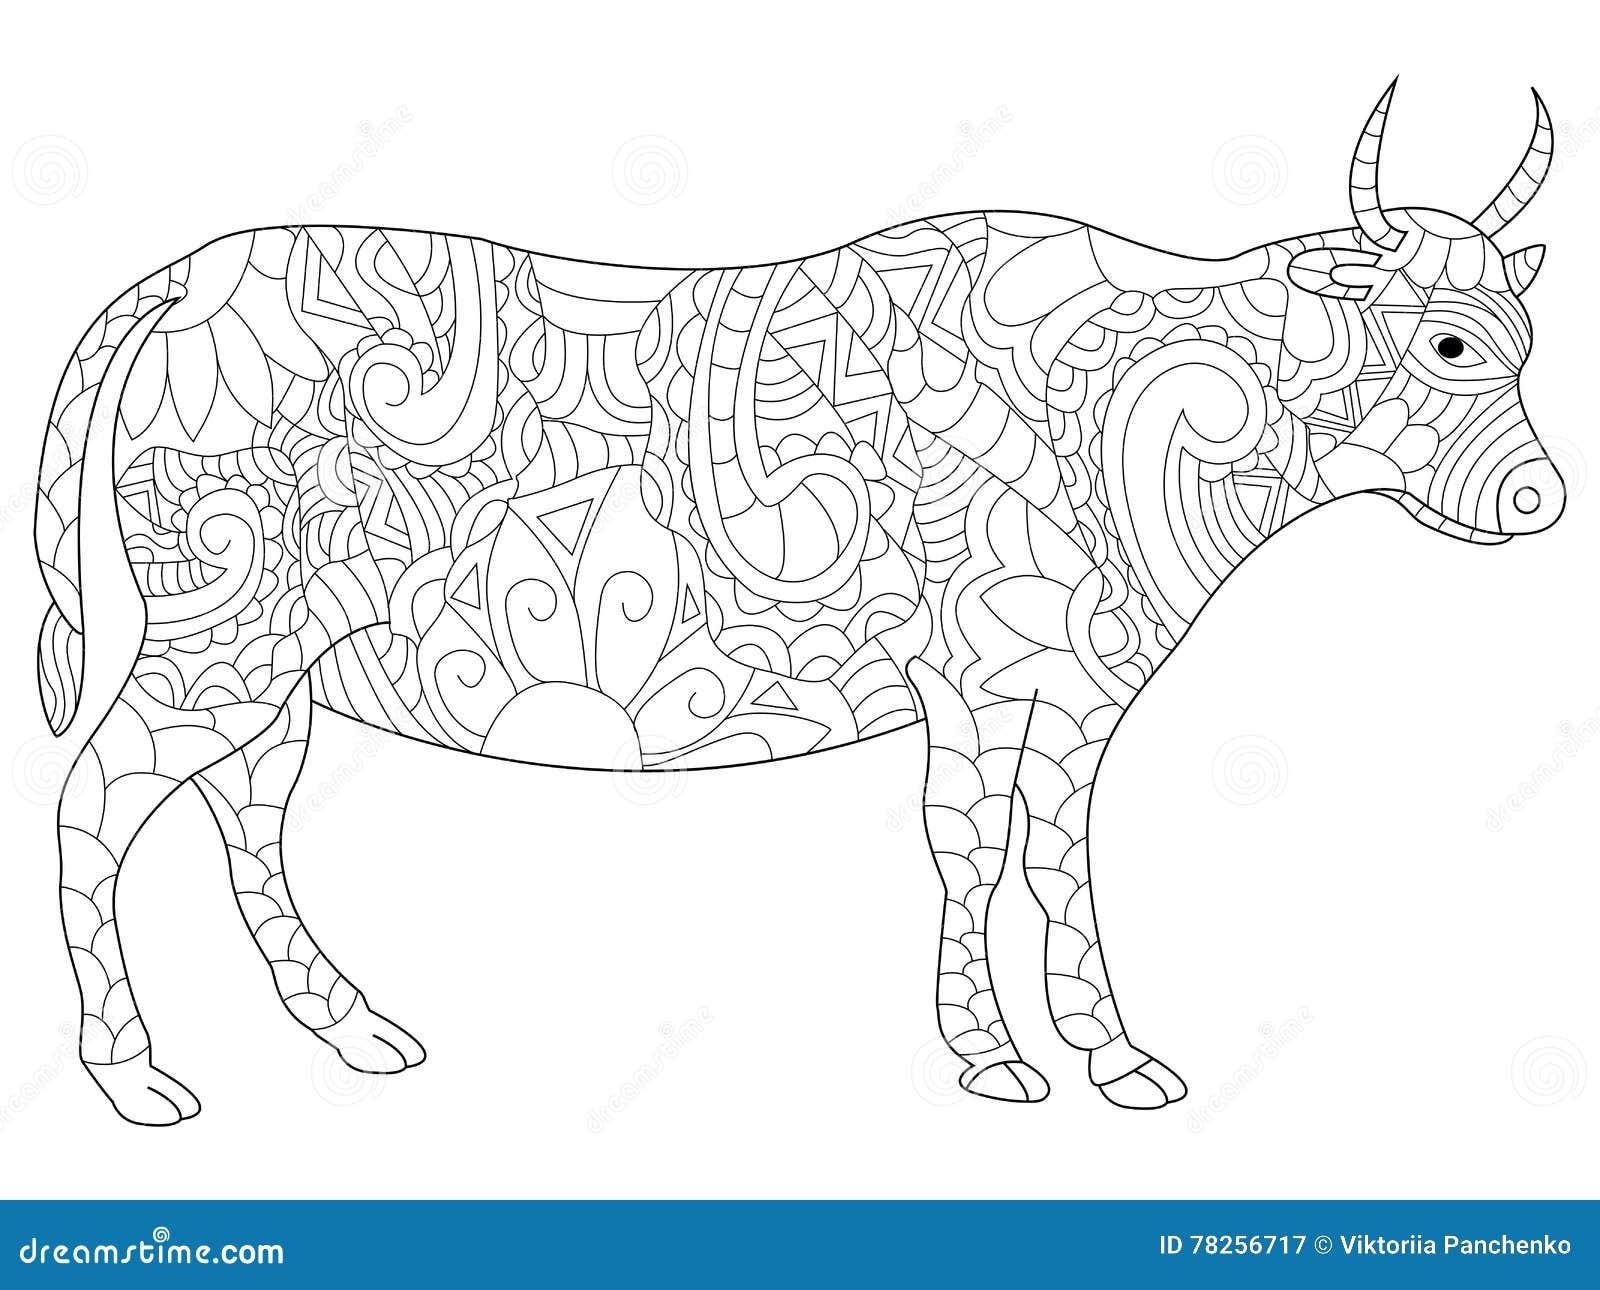 Διάνυσμα χρωματισμού αγελάδων για τους ενηλίκους